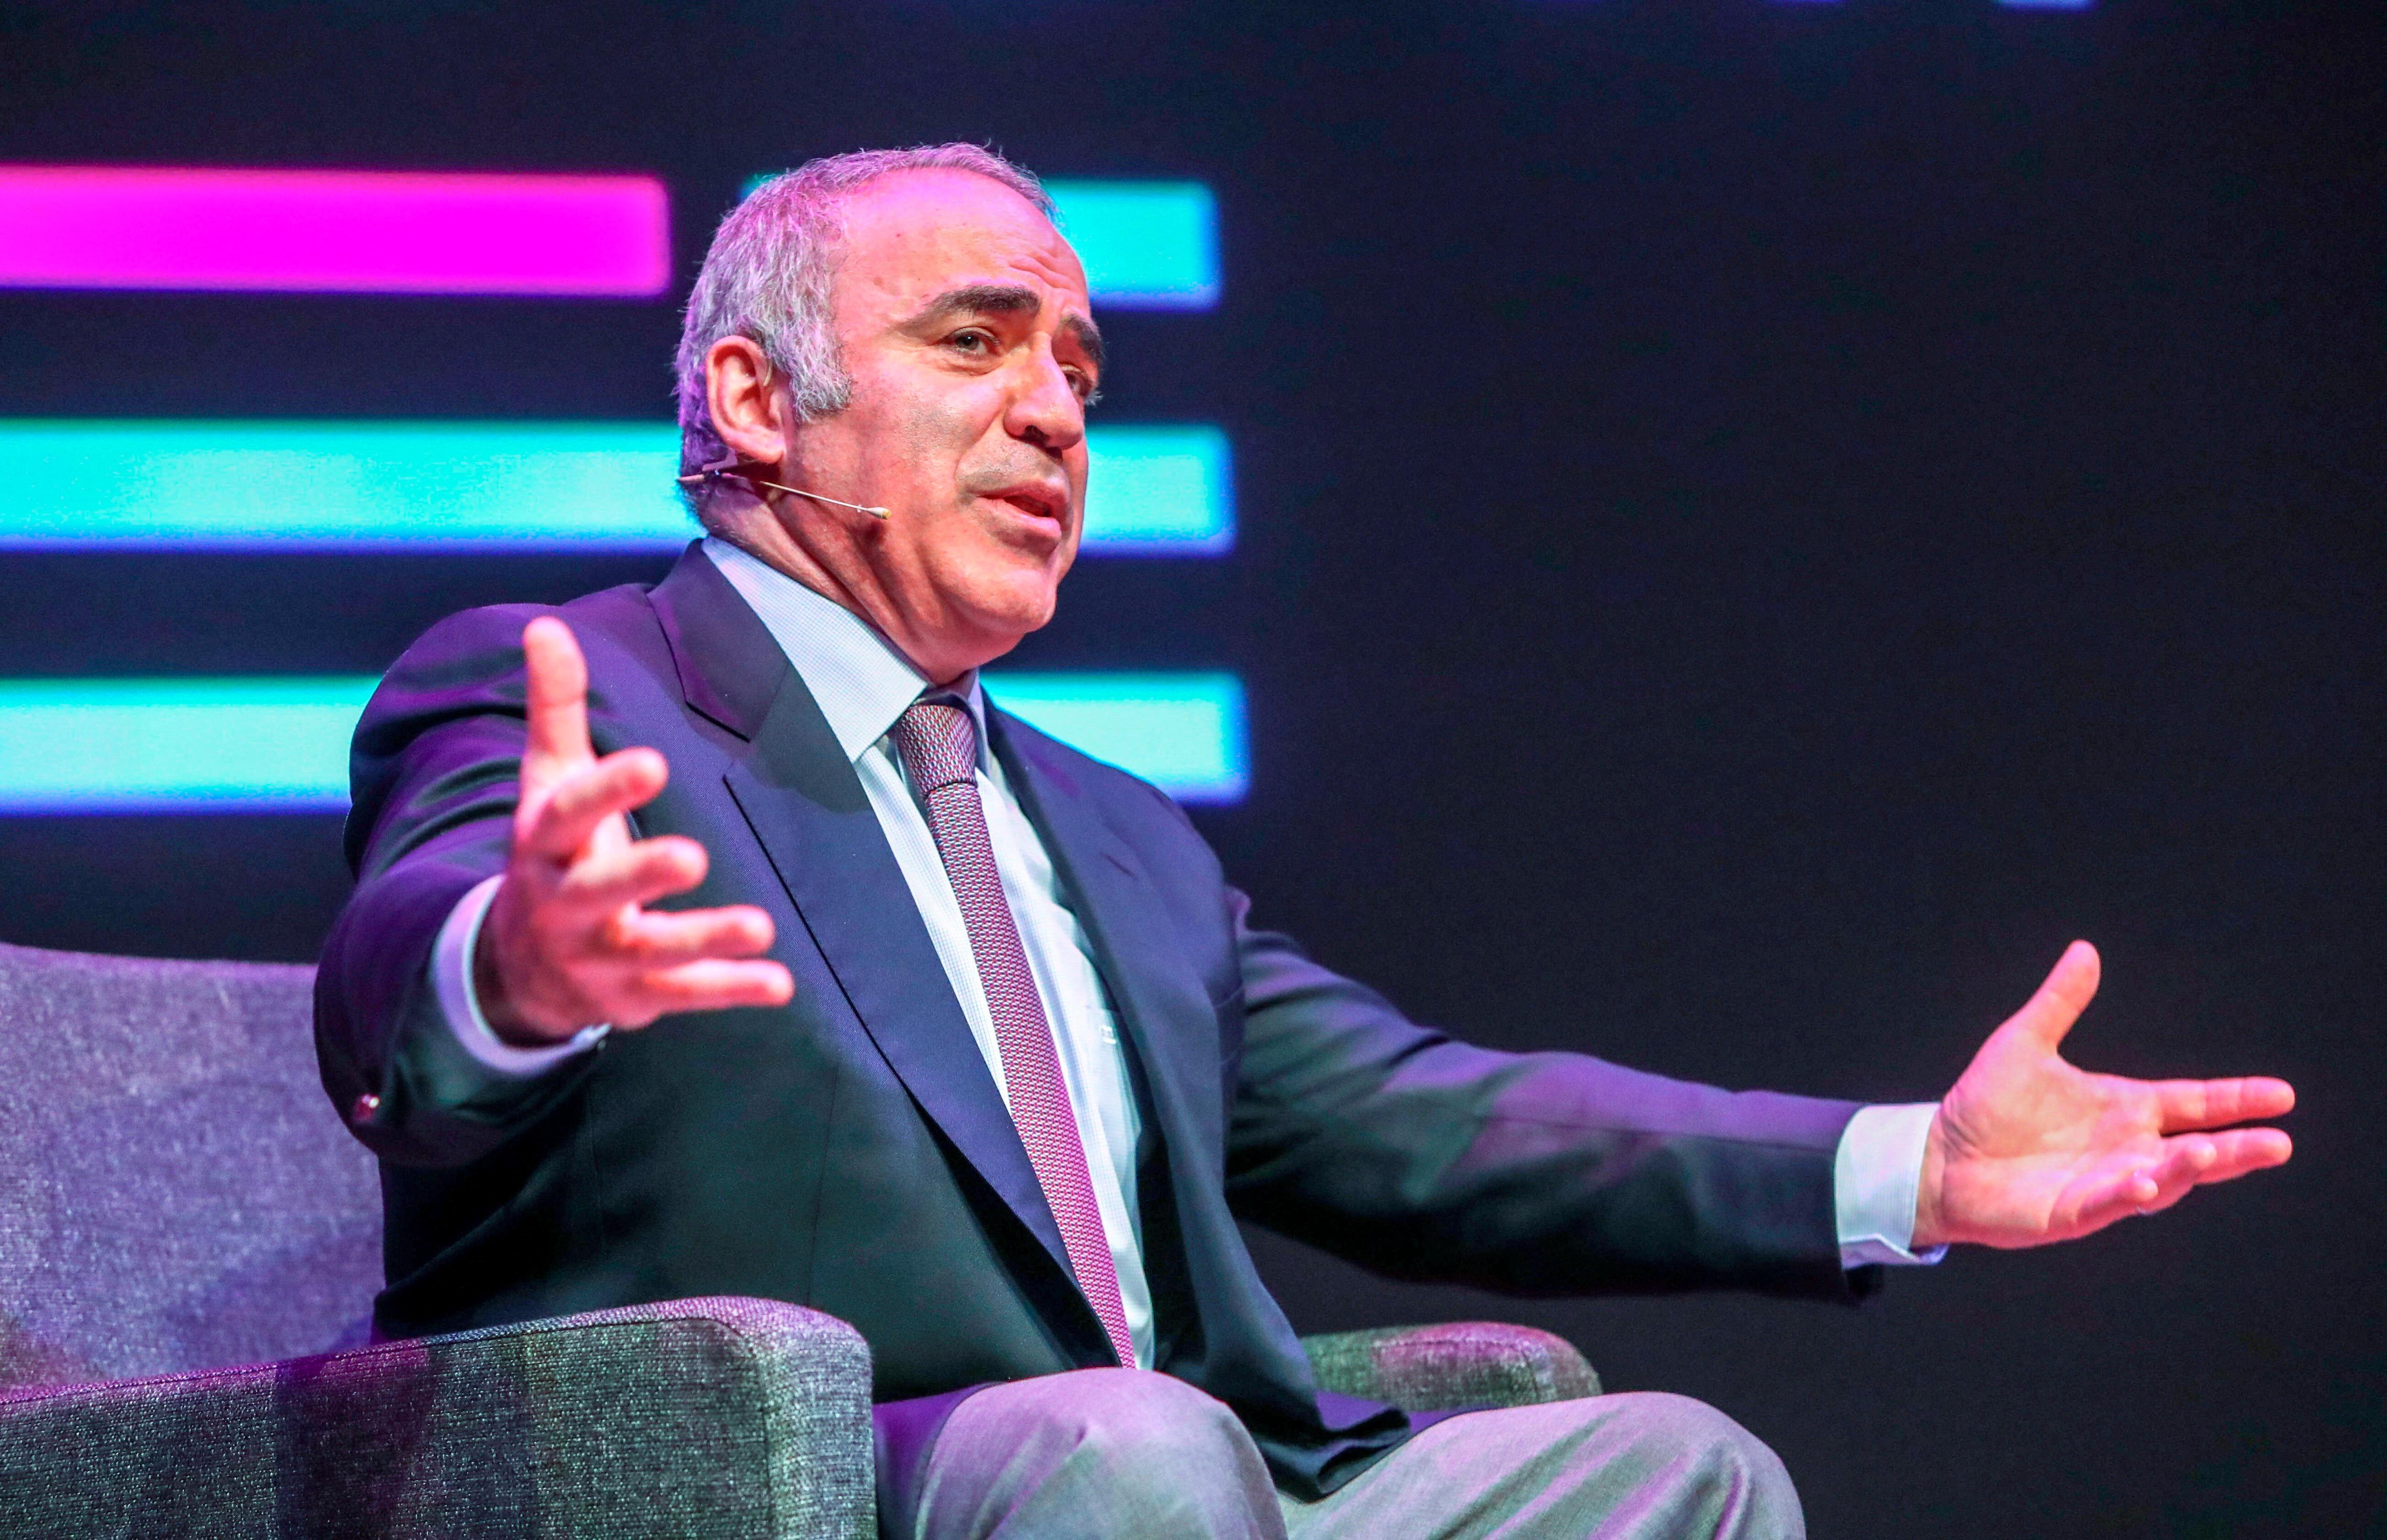 El excampeón mundial de ajedrez Garry Kasparov en una de sus habituales conferencias alrededor del mundo.